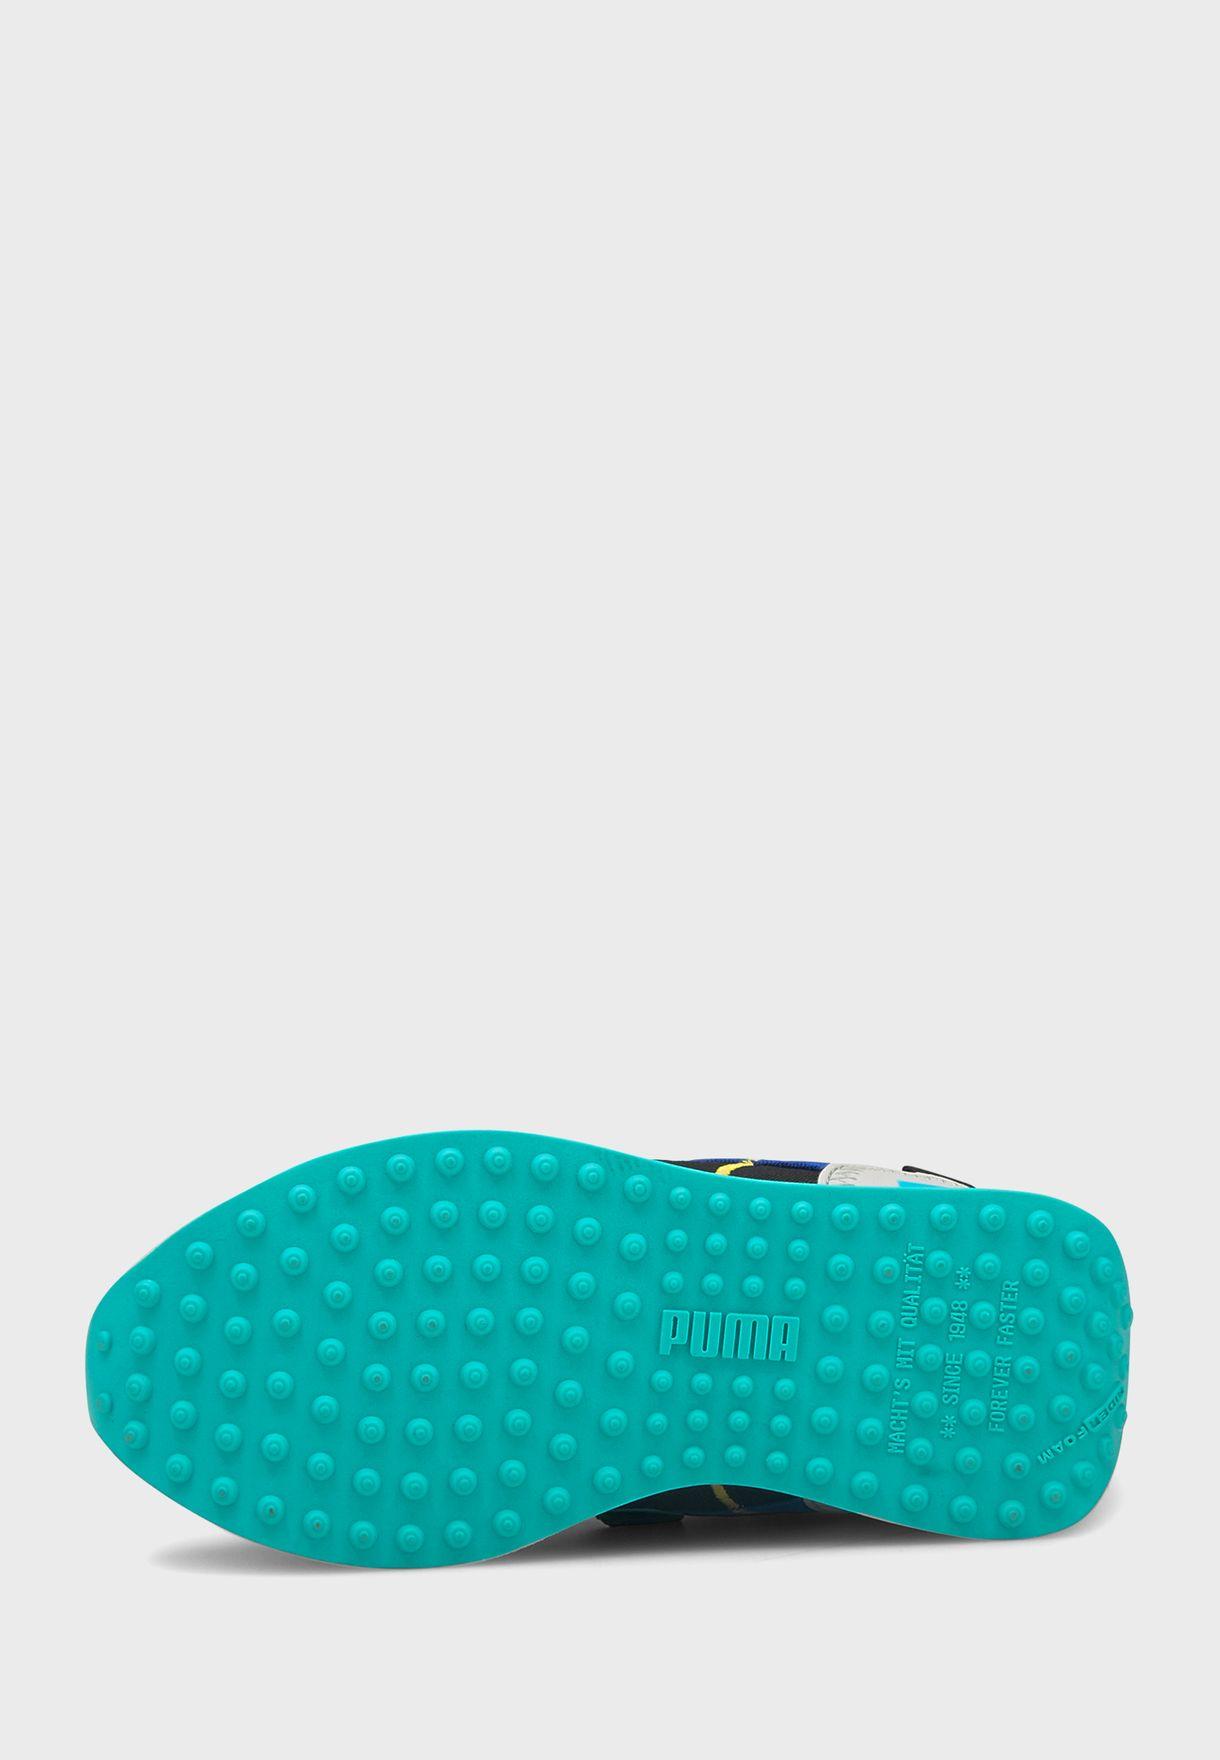 حذاء فيوتشر رايدر توفولد